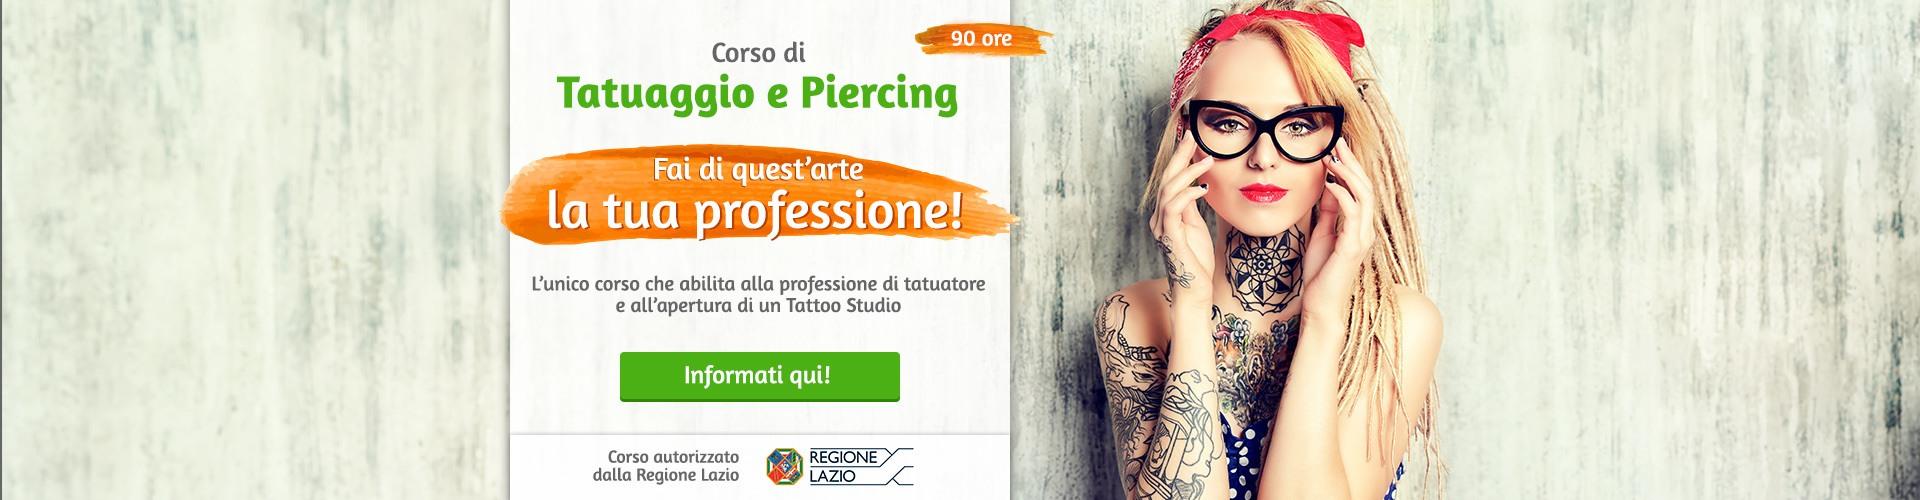 Corso di tatuaggio e piercing